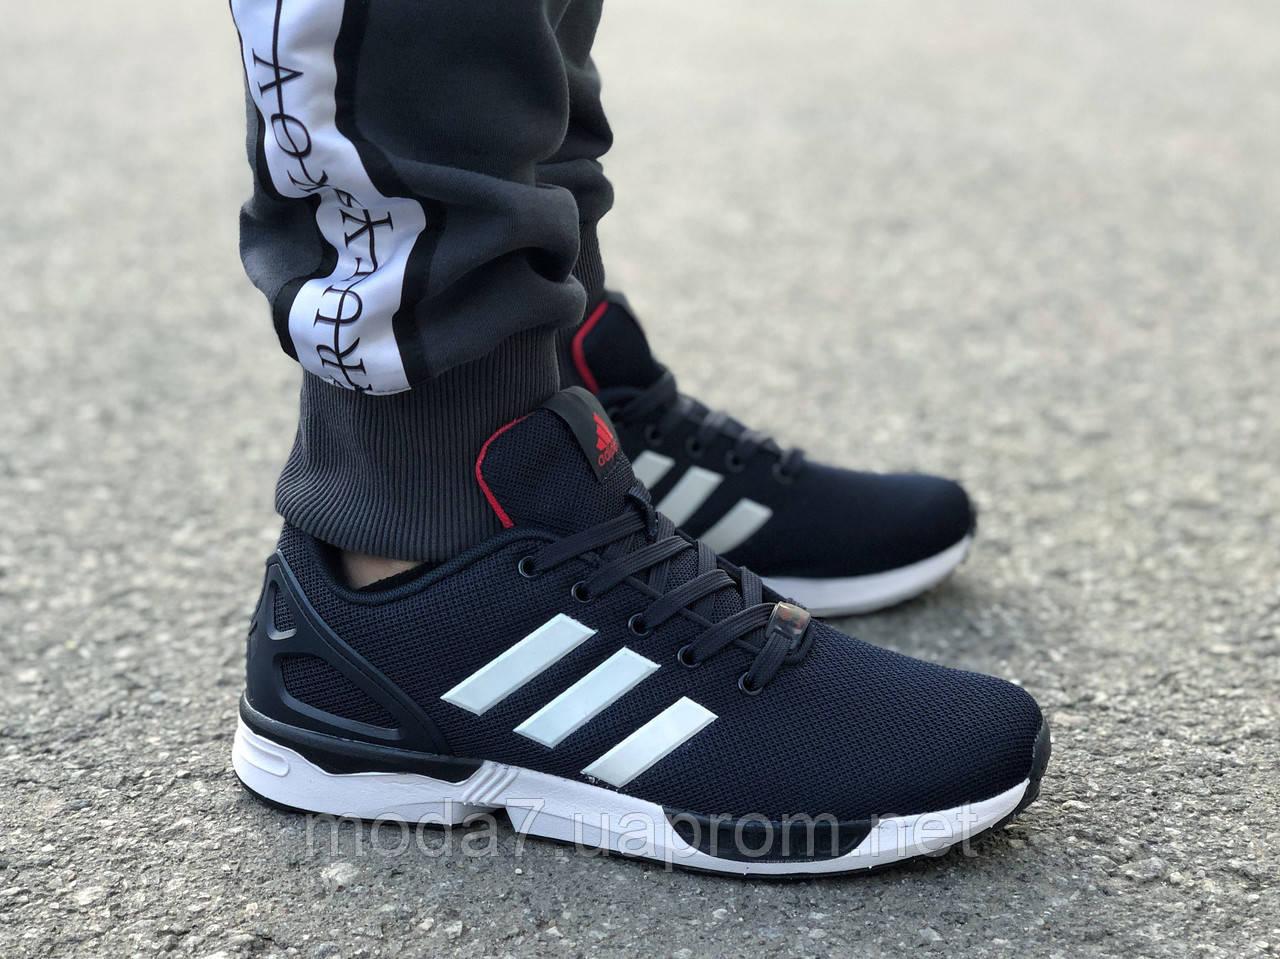 Мужские кроссовки Adidas Flux синие реплика